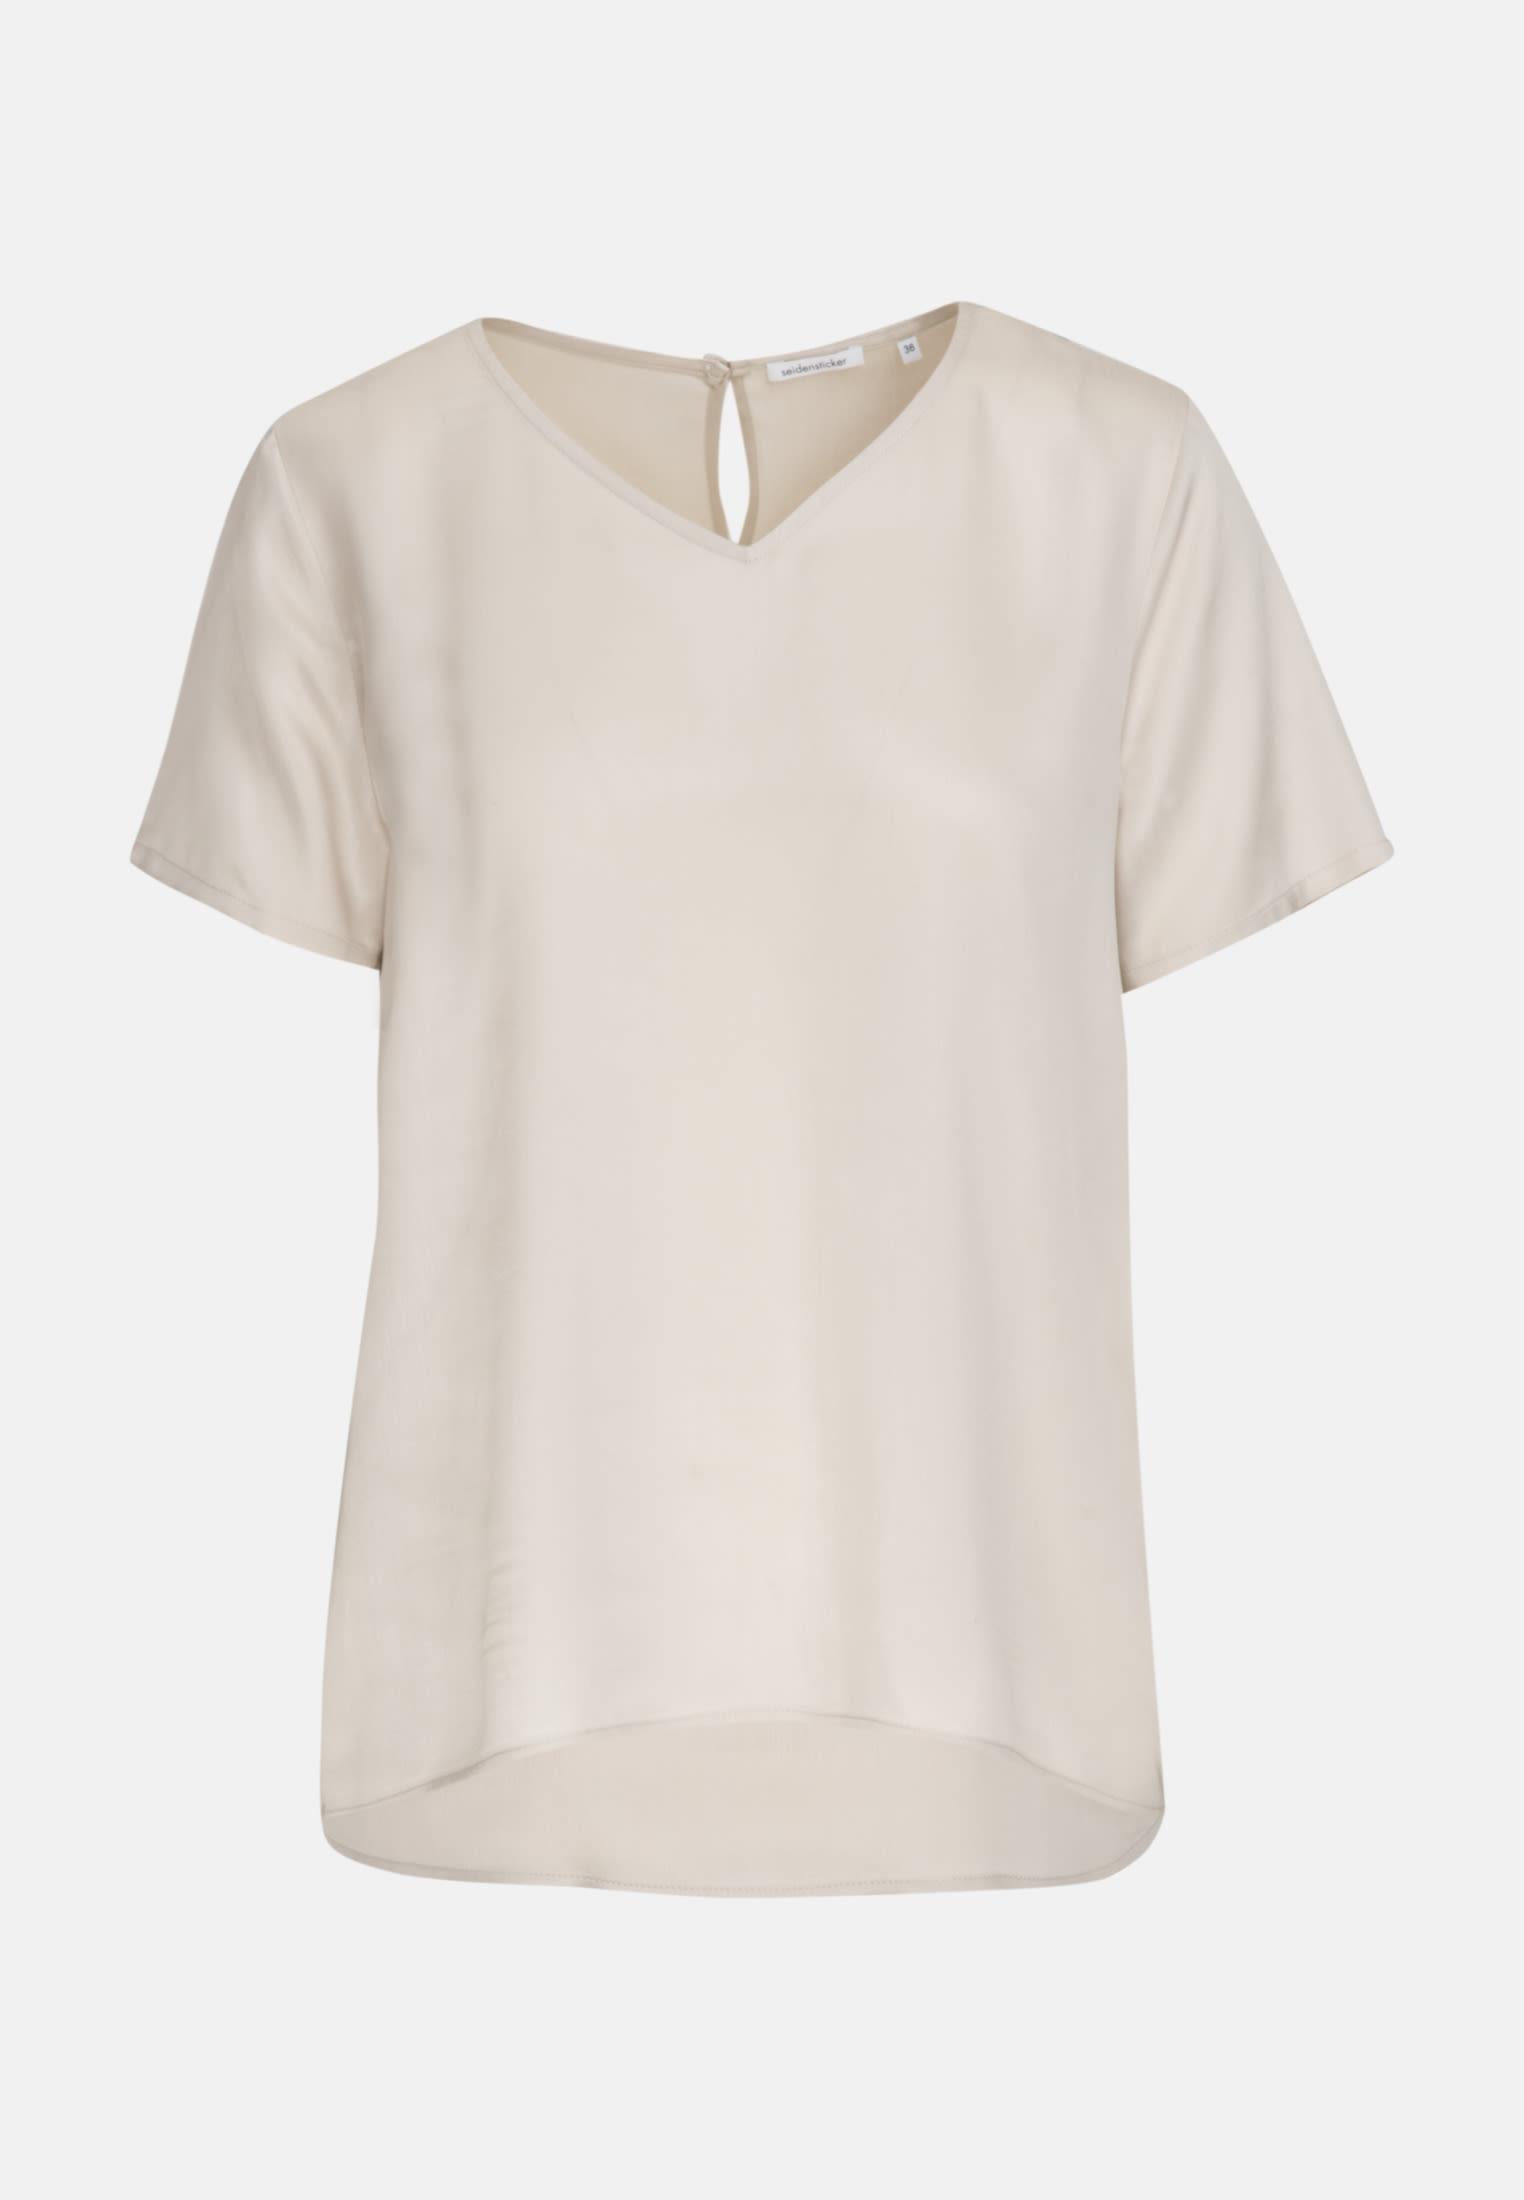 Kurzarm Popeline Shirtbluse aus 100% Viskose in Beige |  Seidensticker Onlineshop